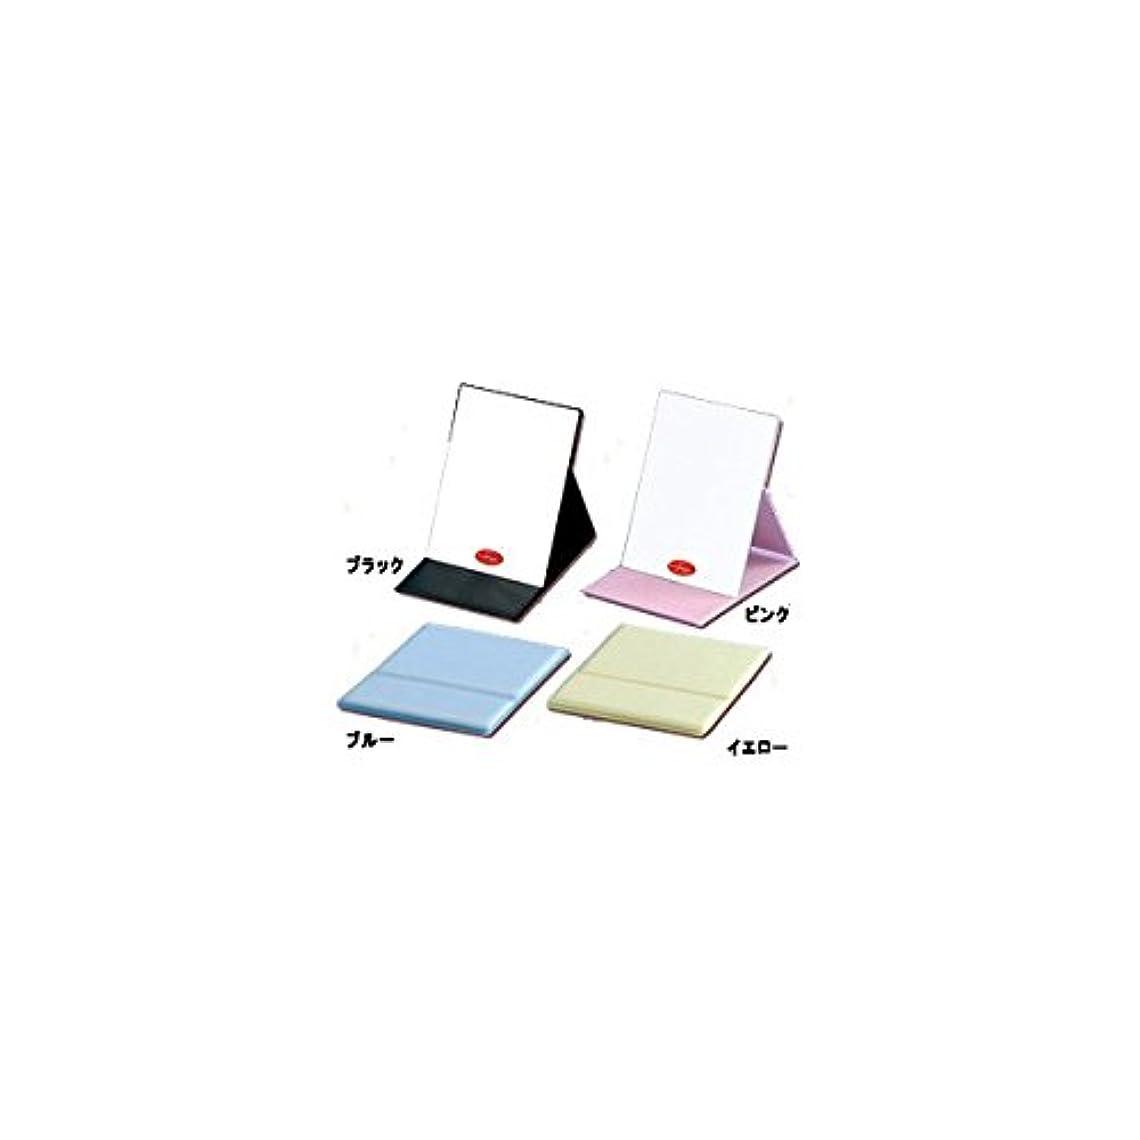 磁石満足させる治療ナピュア プロモデル カラーバージョン折立ミラー M ピンク